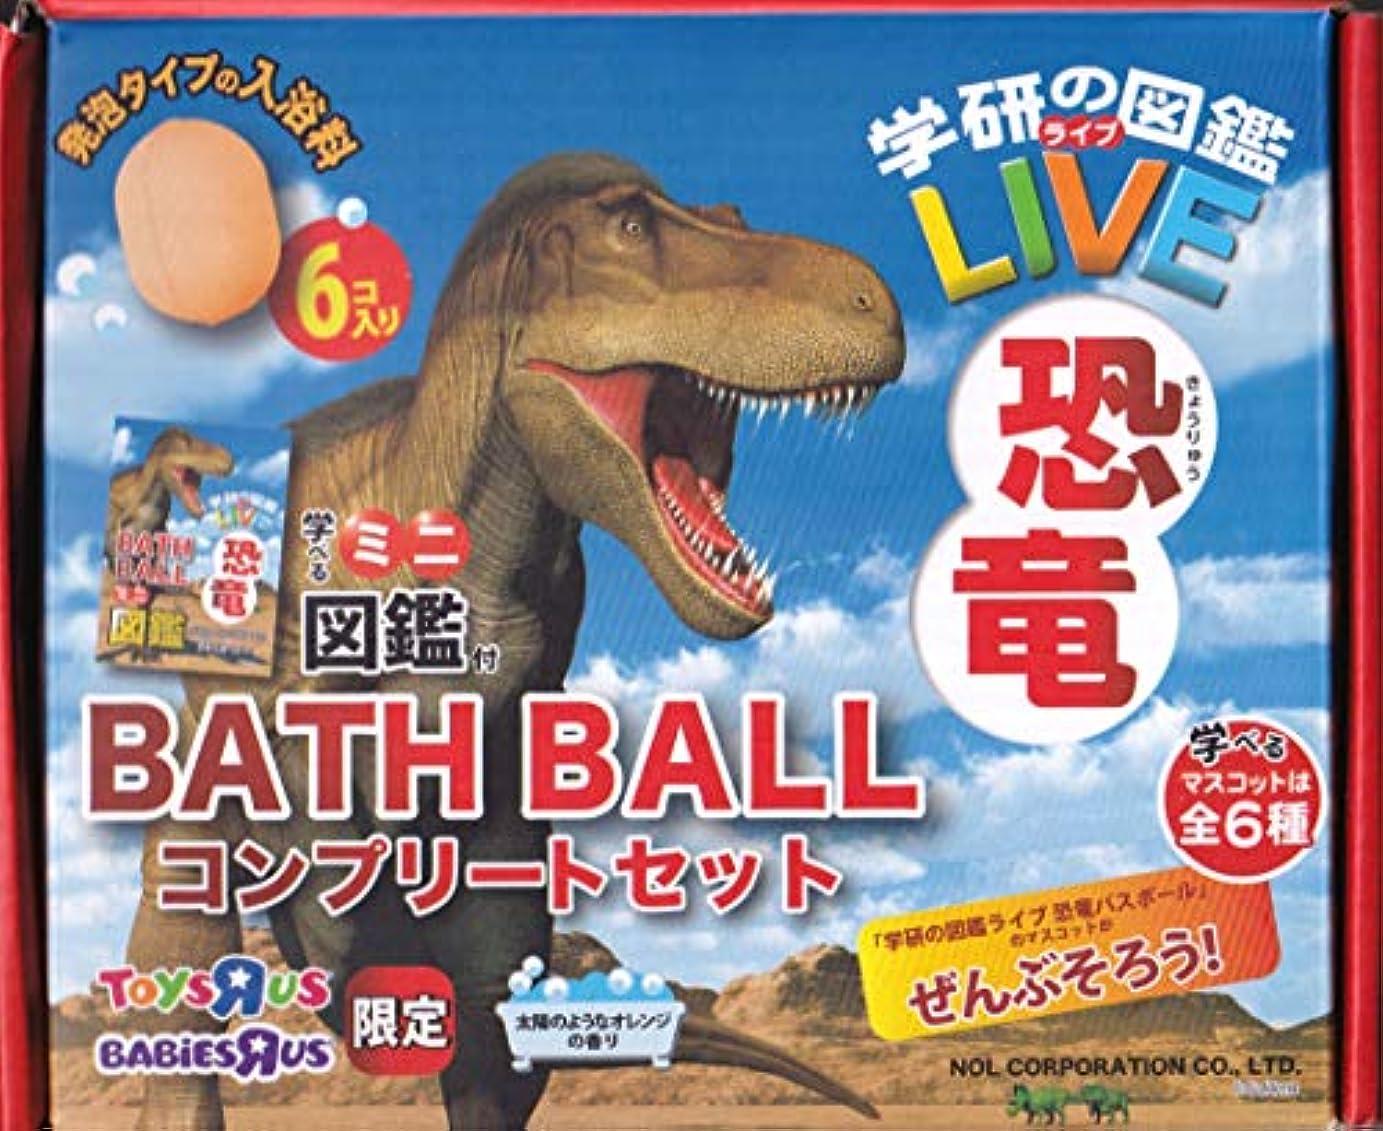 インチ飲料適応的【トイザらス限定】学研の図鑑LIVE 入浴剤 恐竜 バスボール コンプリートセット (全6種そろいます)